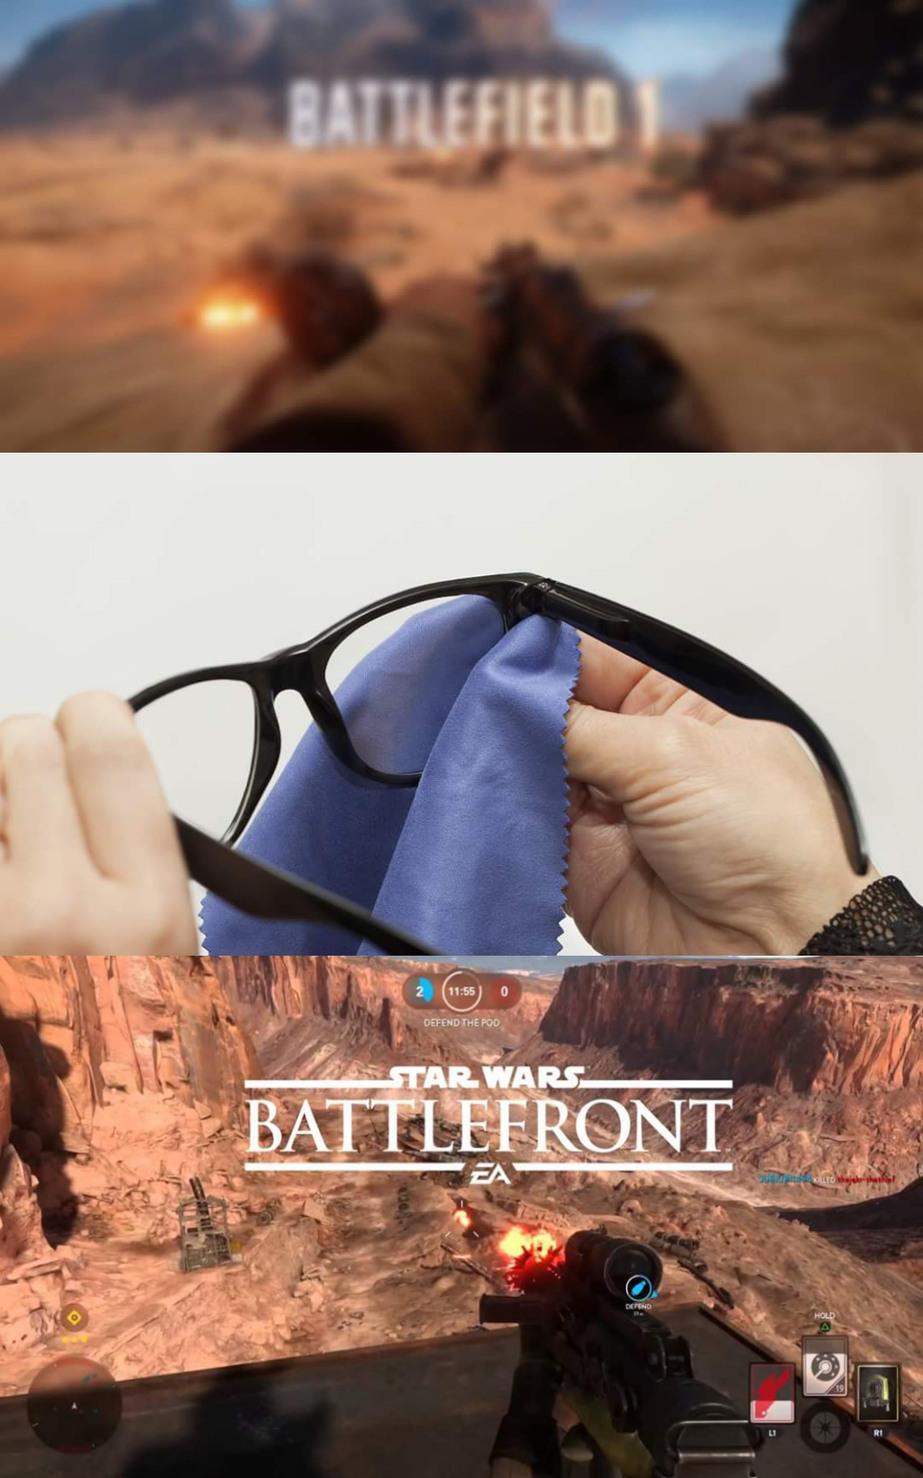 Battlefield 1: The reality - meme